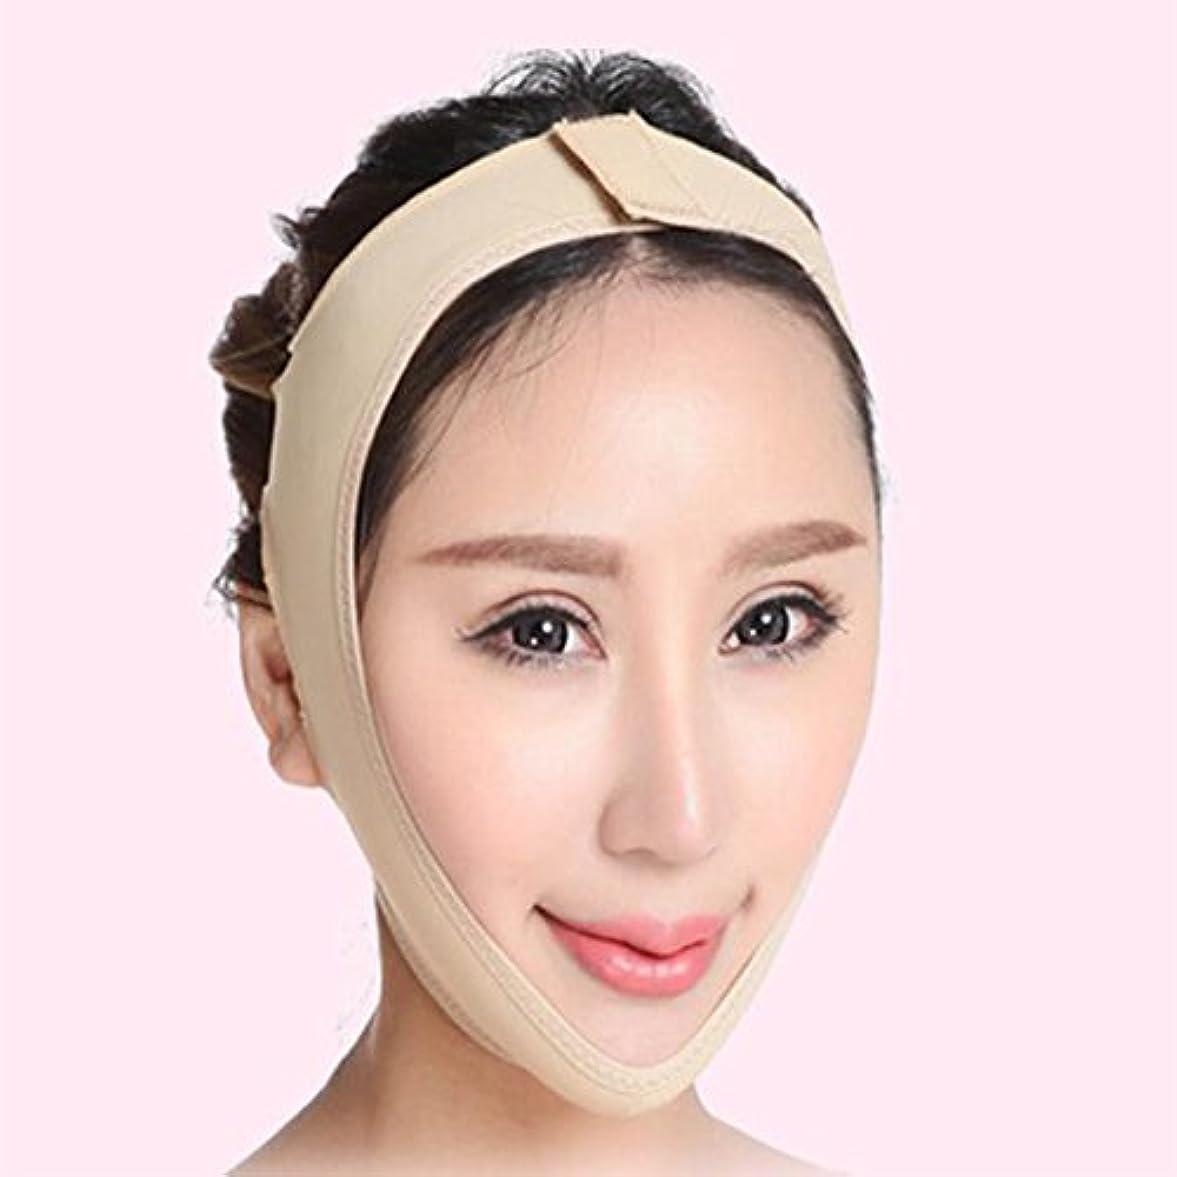 決して主婦裂け目1stモール 小顔 小顔マスク リフトアップ マスク フェイスライン 矯正 あご シャープ メンズ レディース Sサイズ ST-AZD15003-S